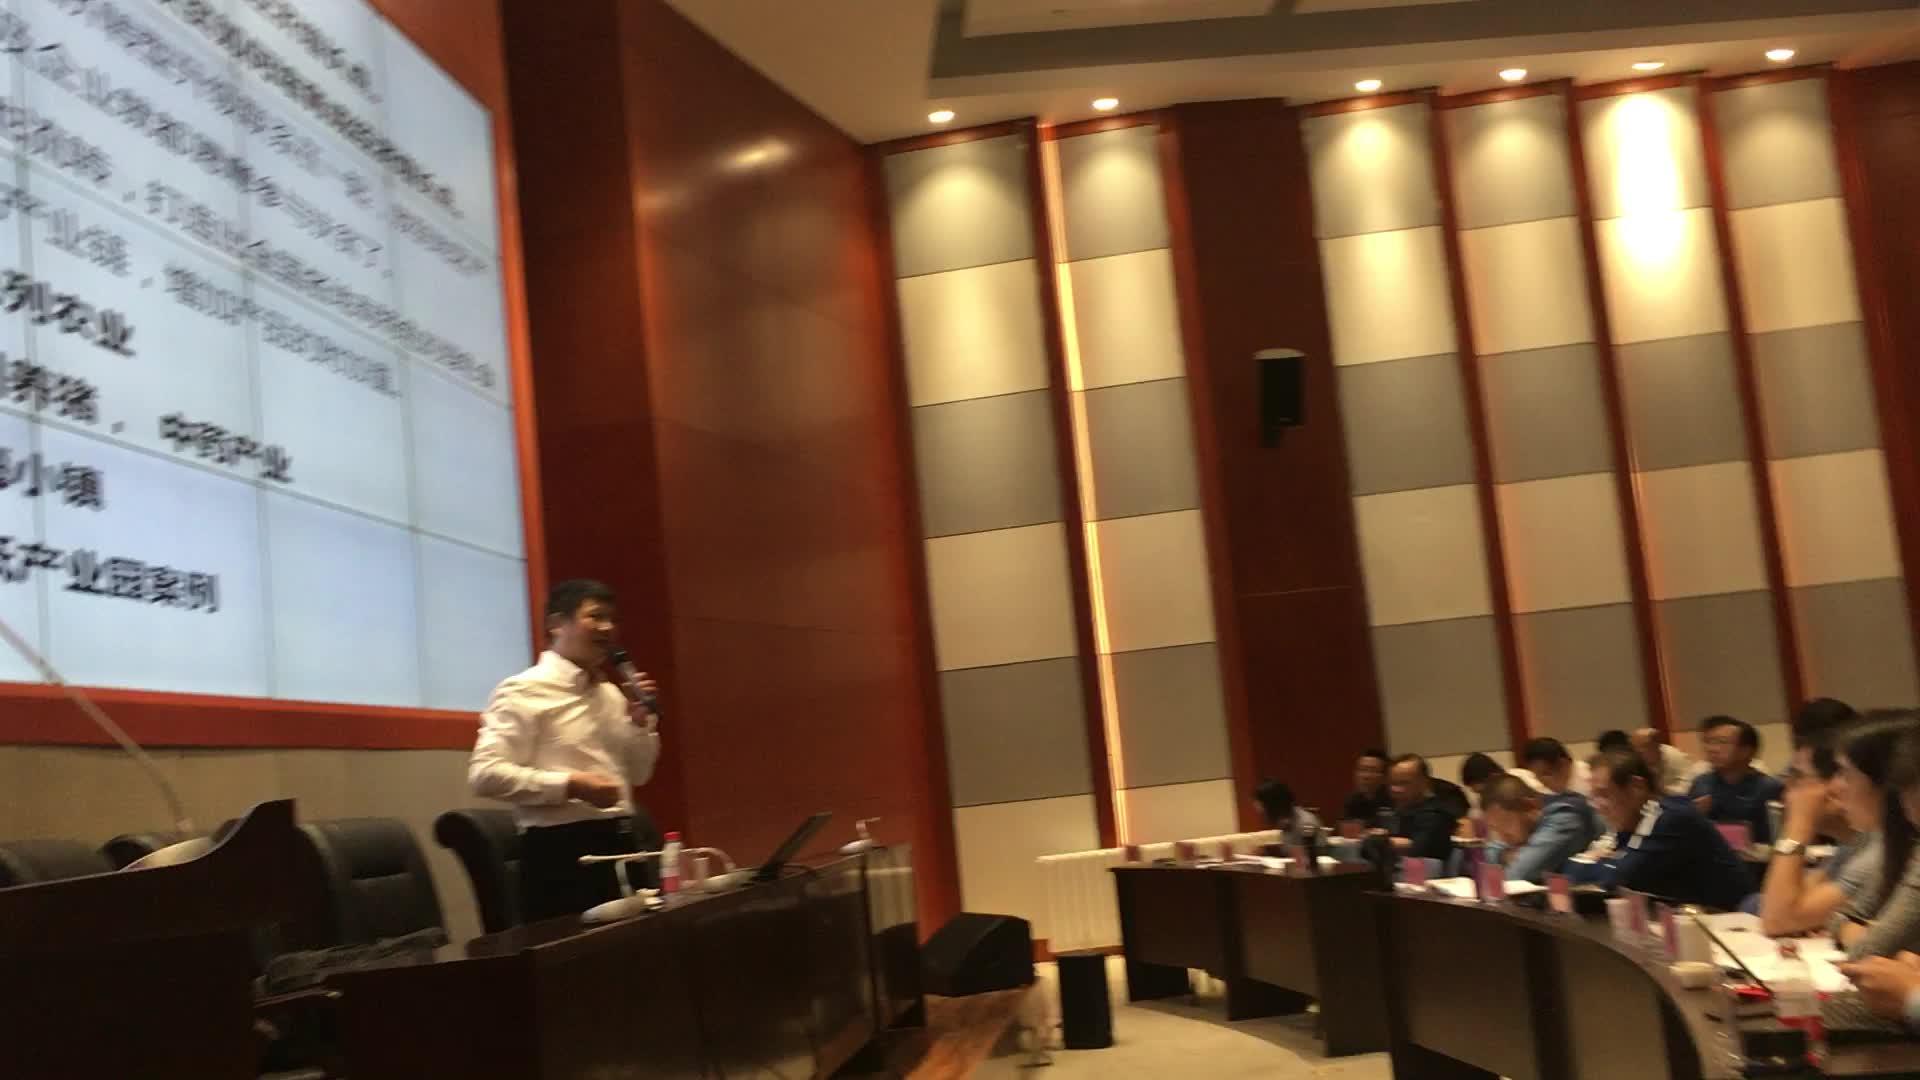 宏皓受邀宁夏自治区国企公开课讲授《金融市场及形势分析与应对》